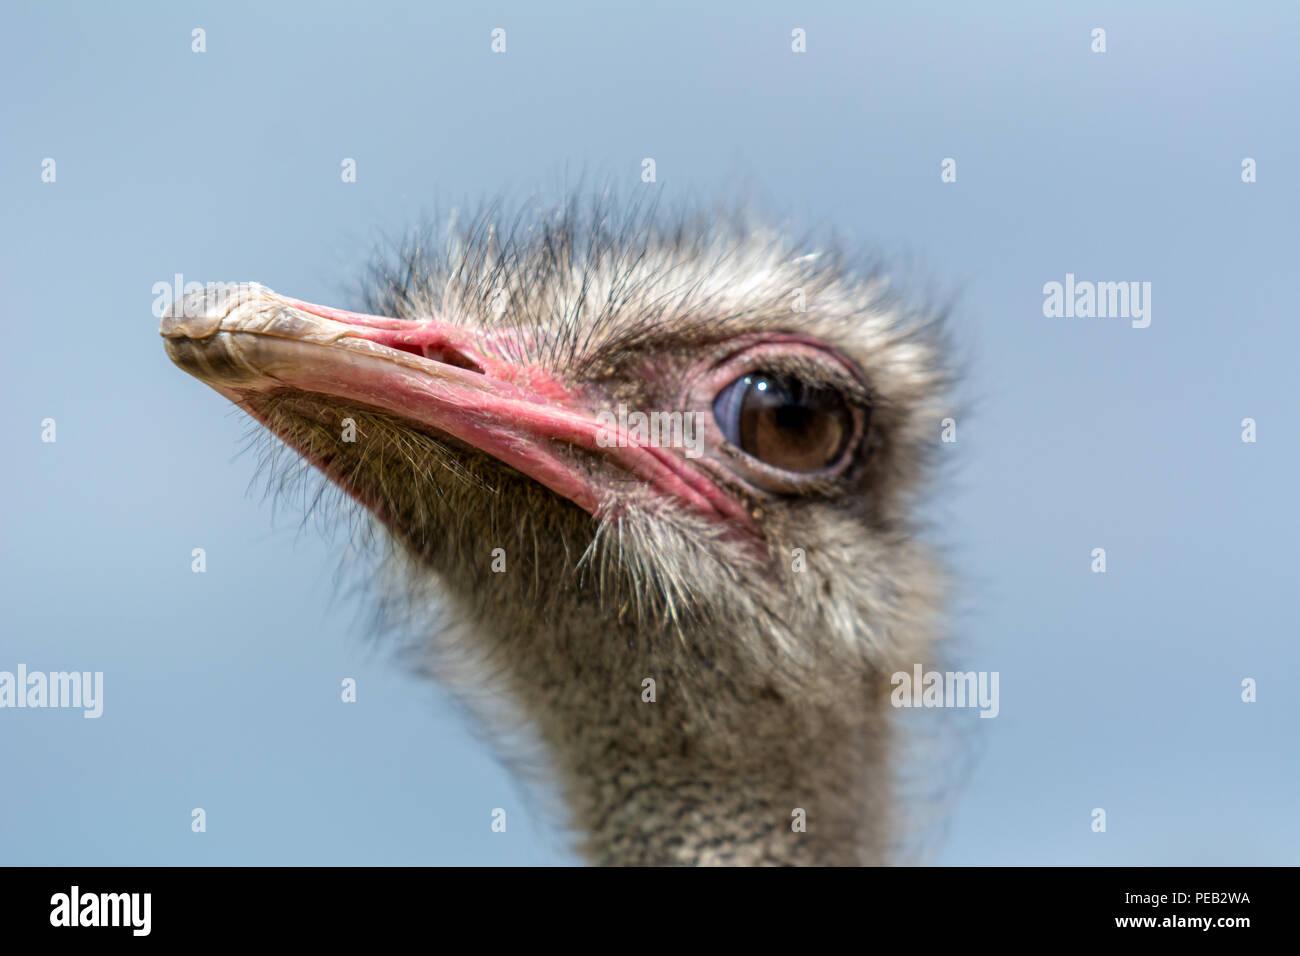 La tête d'autruche libre sur un fond bleu. Photo Stock